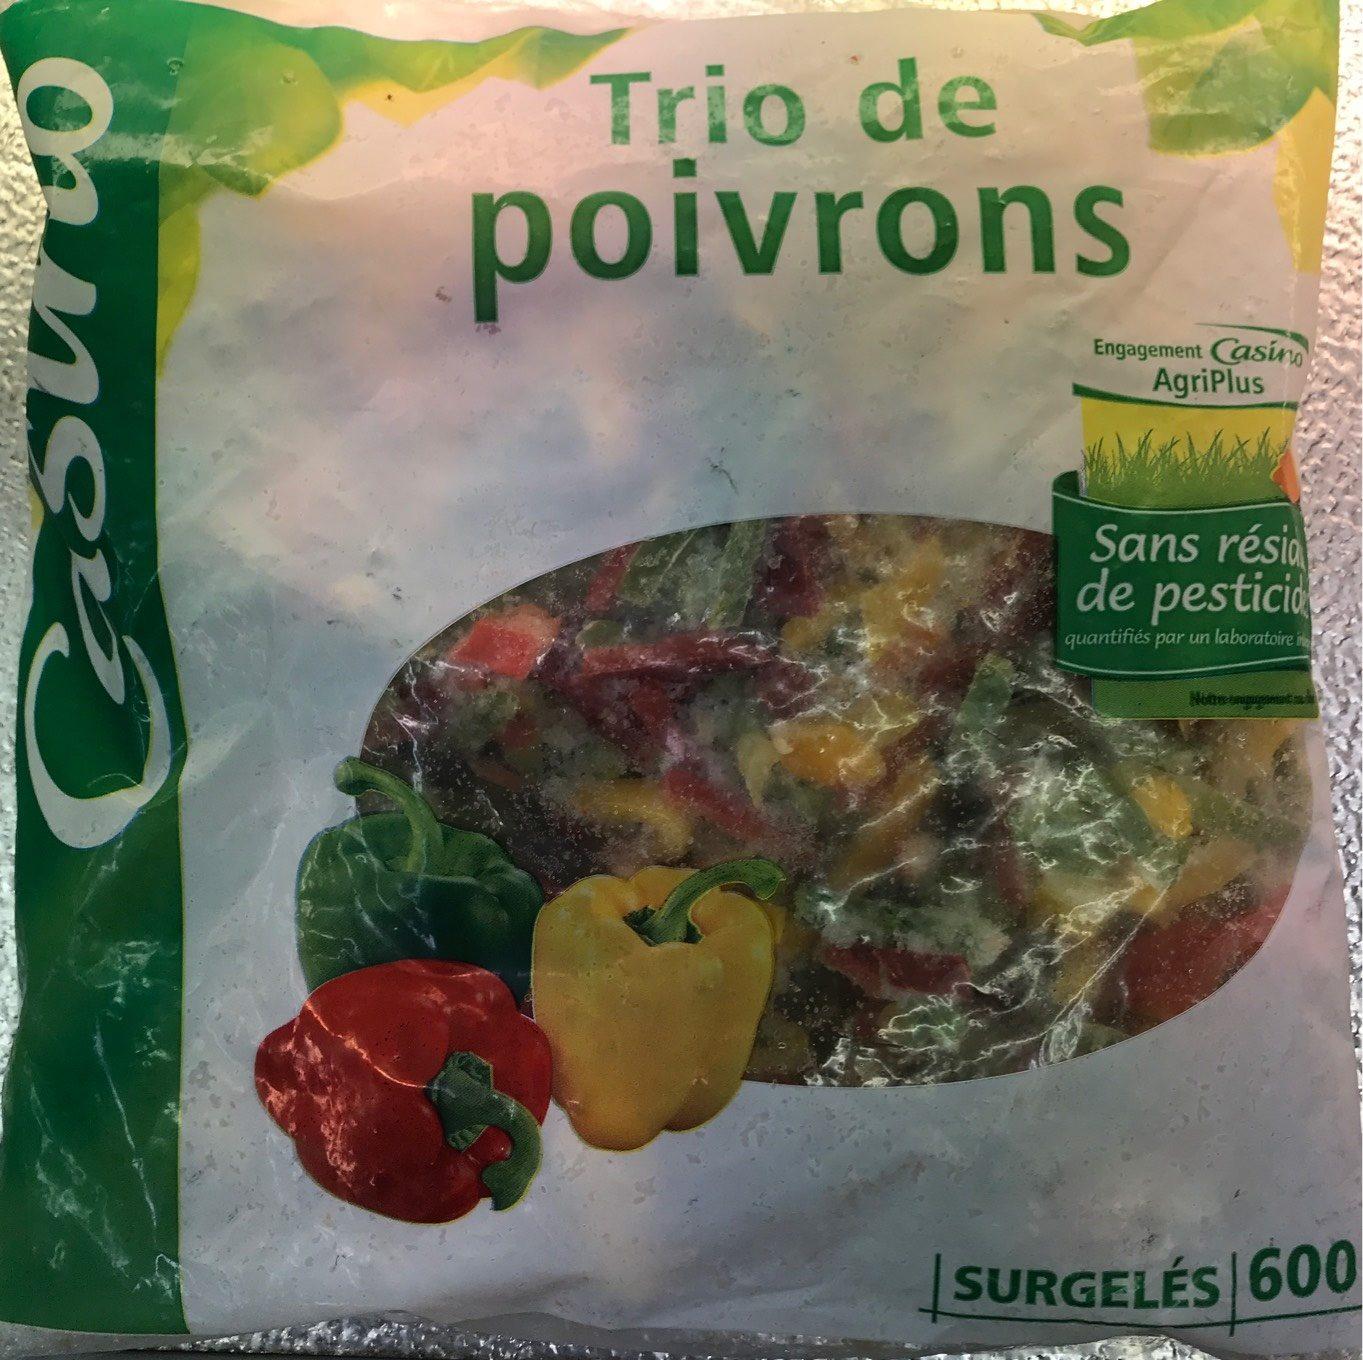 Trio de poivrons Agriplus - Nutrition facts - fr